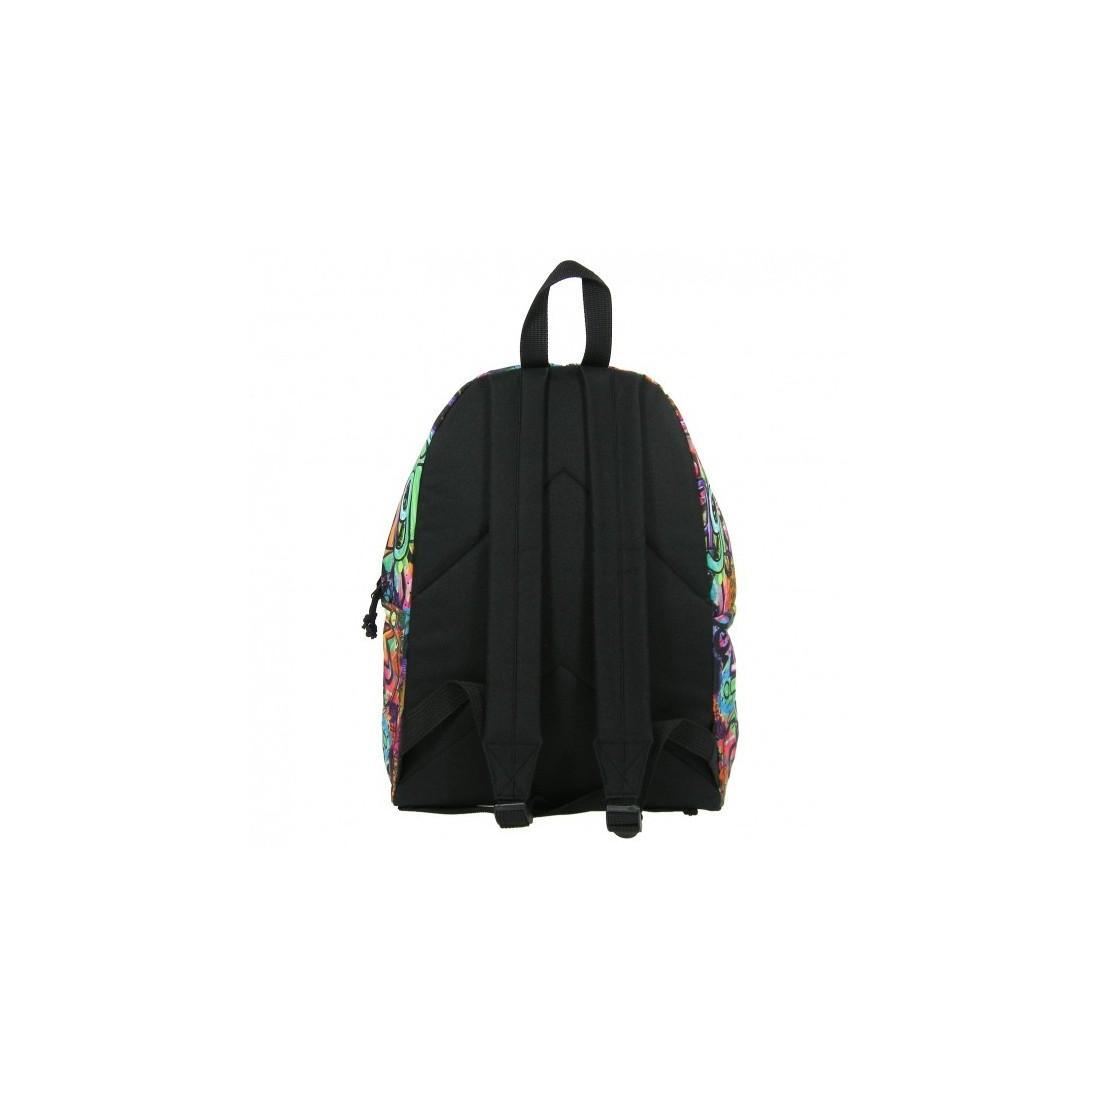 Plecak młodzieżowy Fullprint Imagine - plecak-tornister.pl